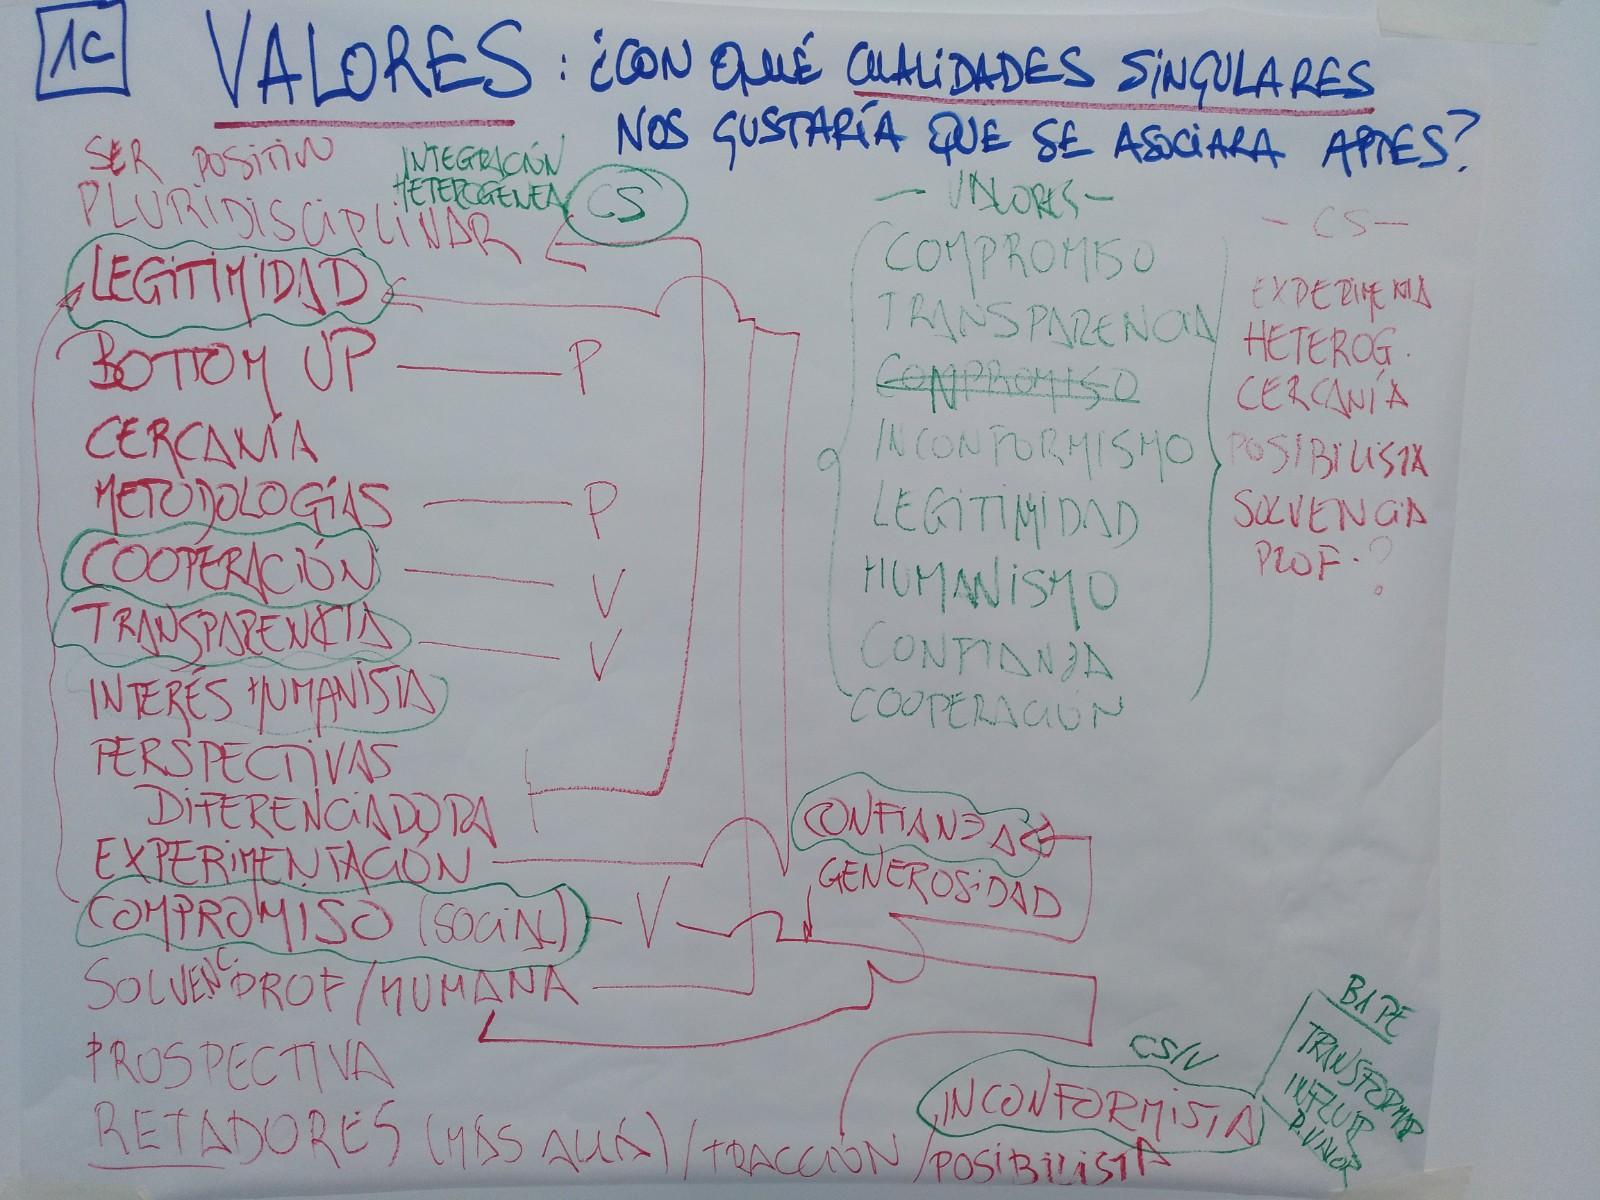 Cartulina blanca y sobre la que hay escritas ideas en relación a los valores o cualidades singulares por los que queremos ser identificados en APTES.